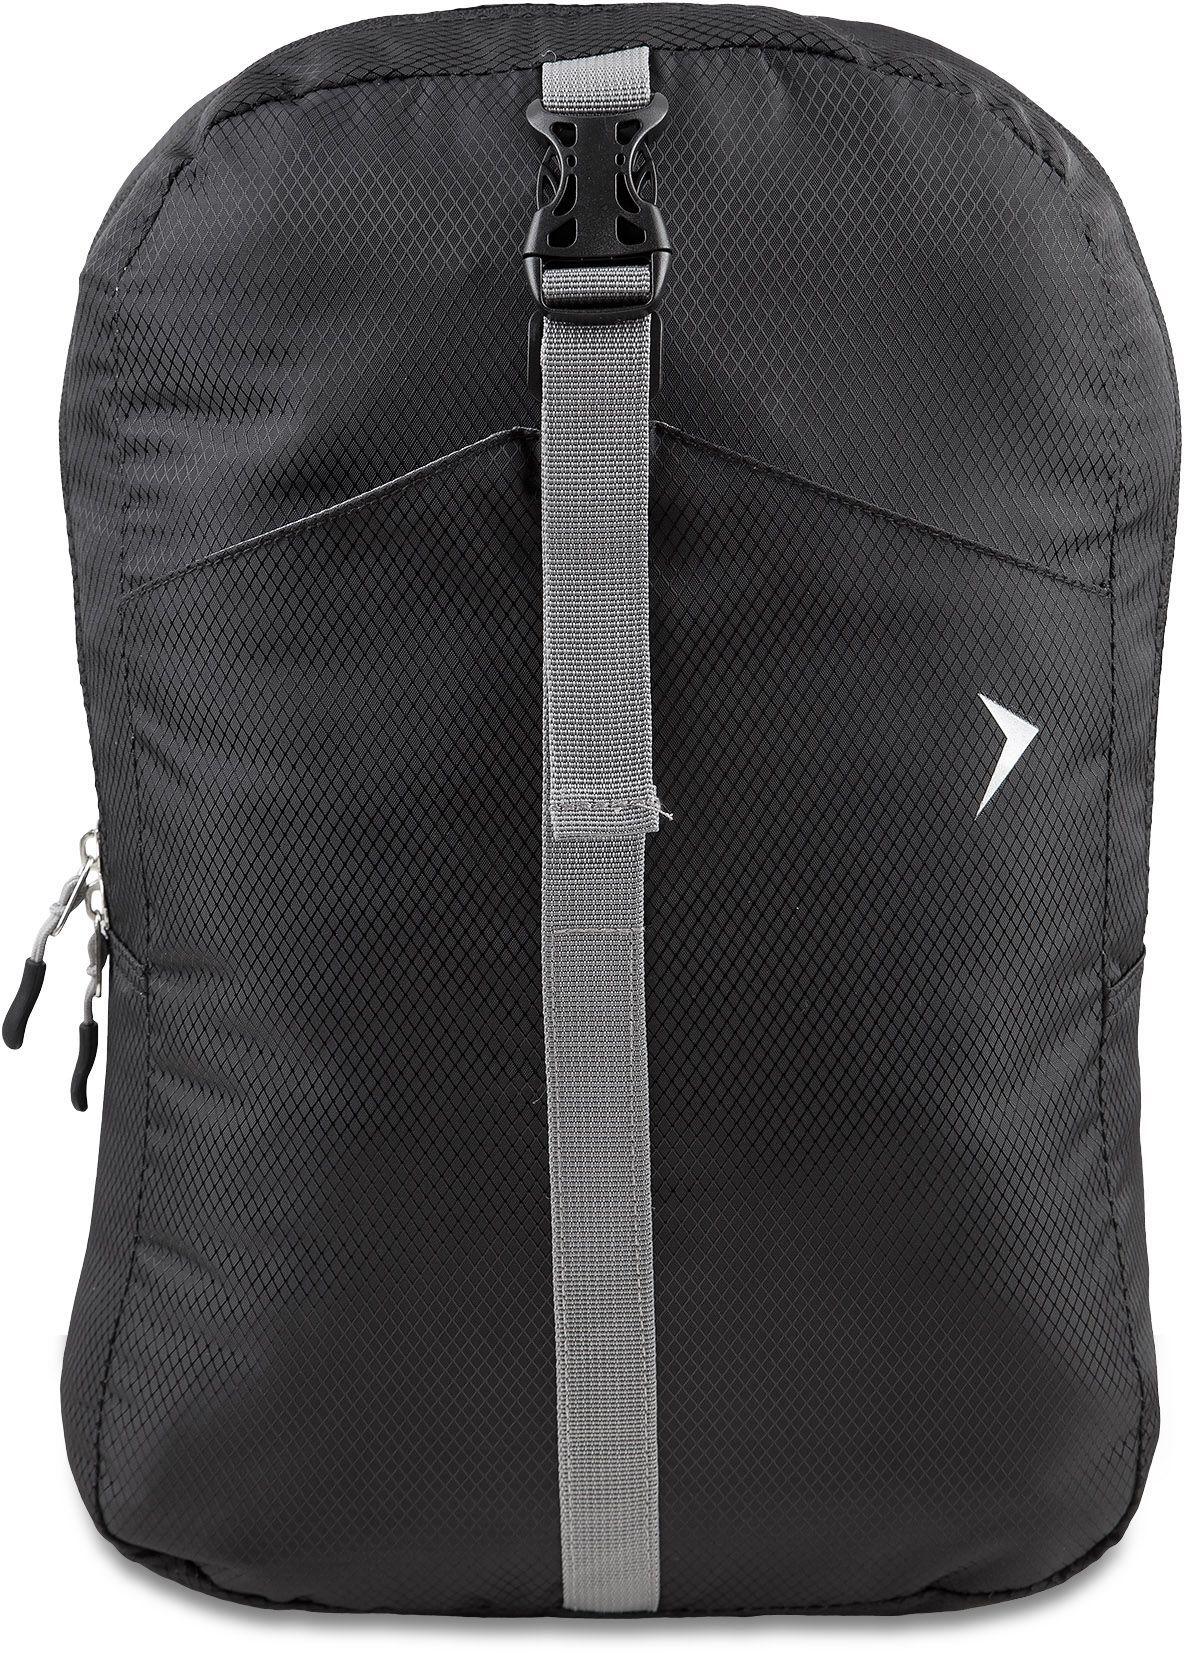 Outhorn Plecak HOL18-PCU671 15 czarny